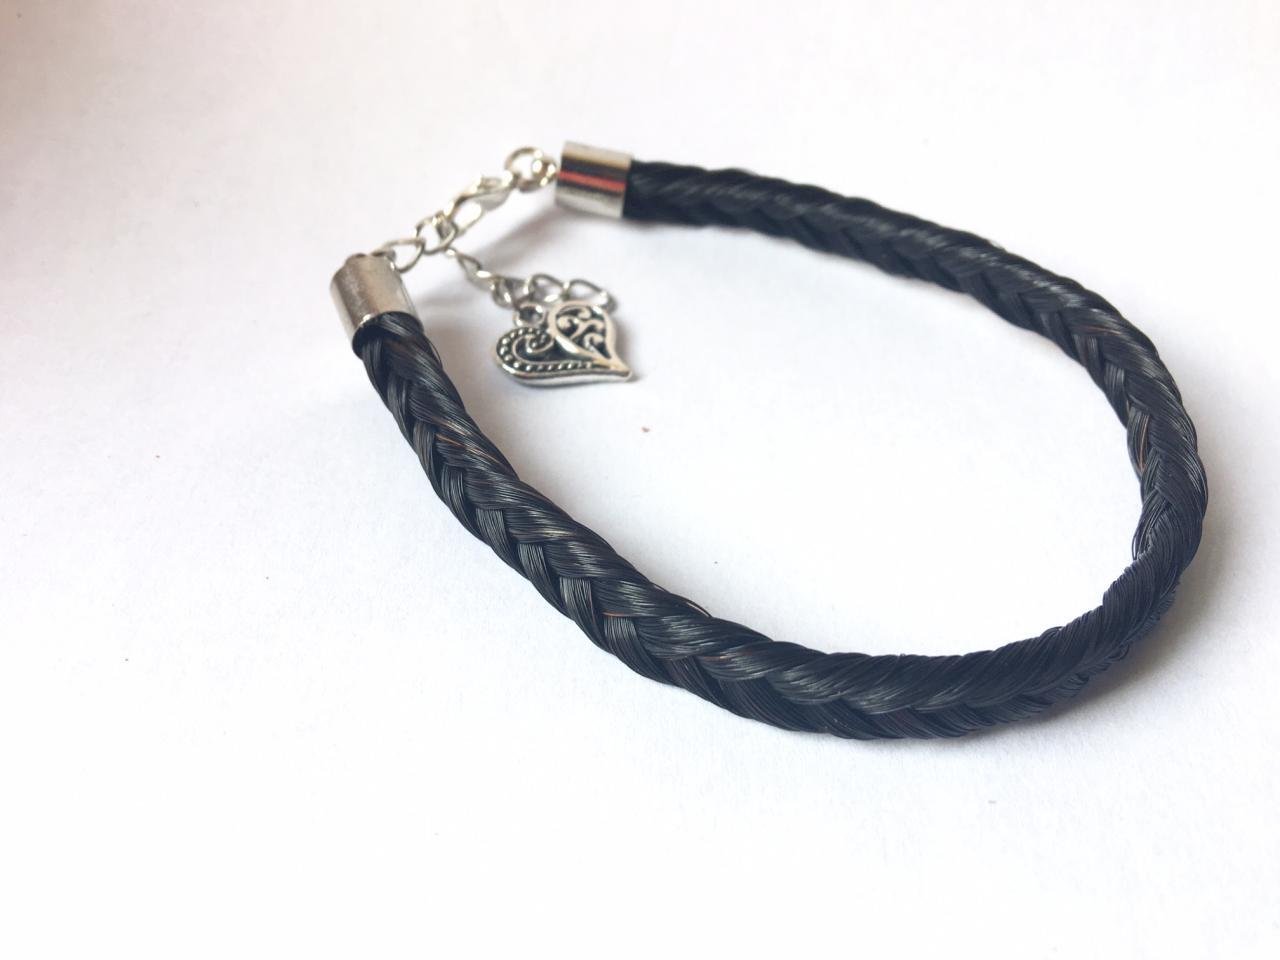 Bracelet en crins de cheval noir avec une breloque coeur